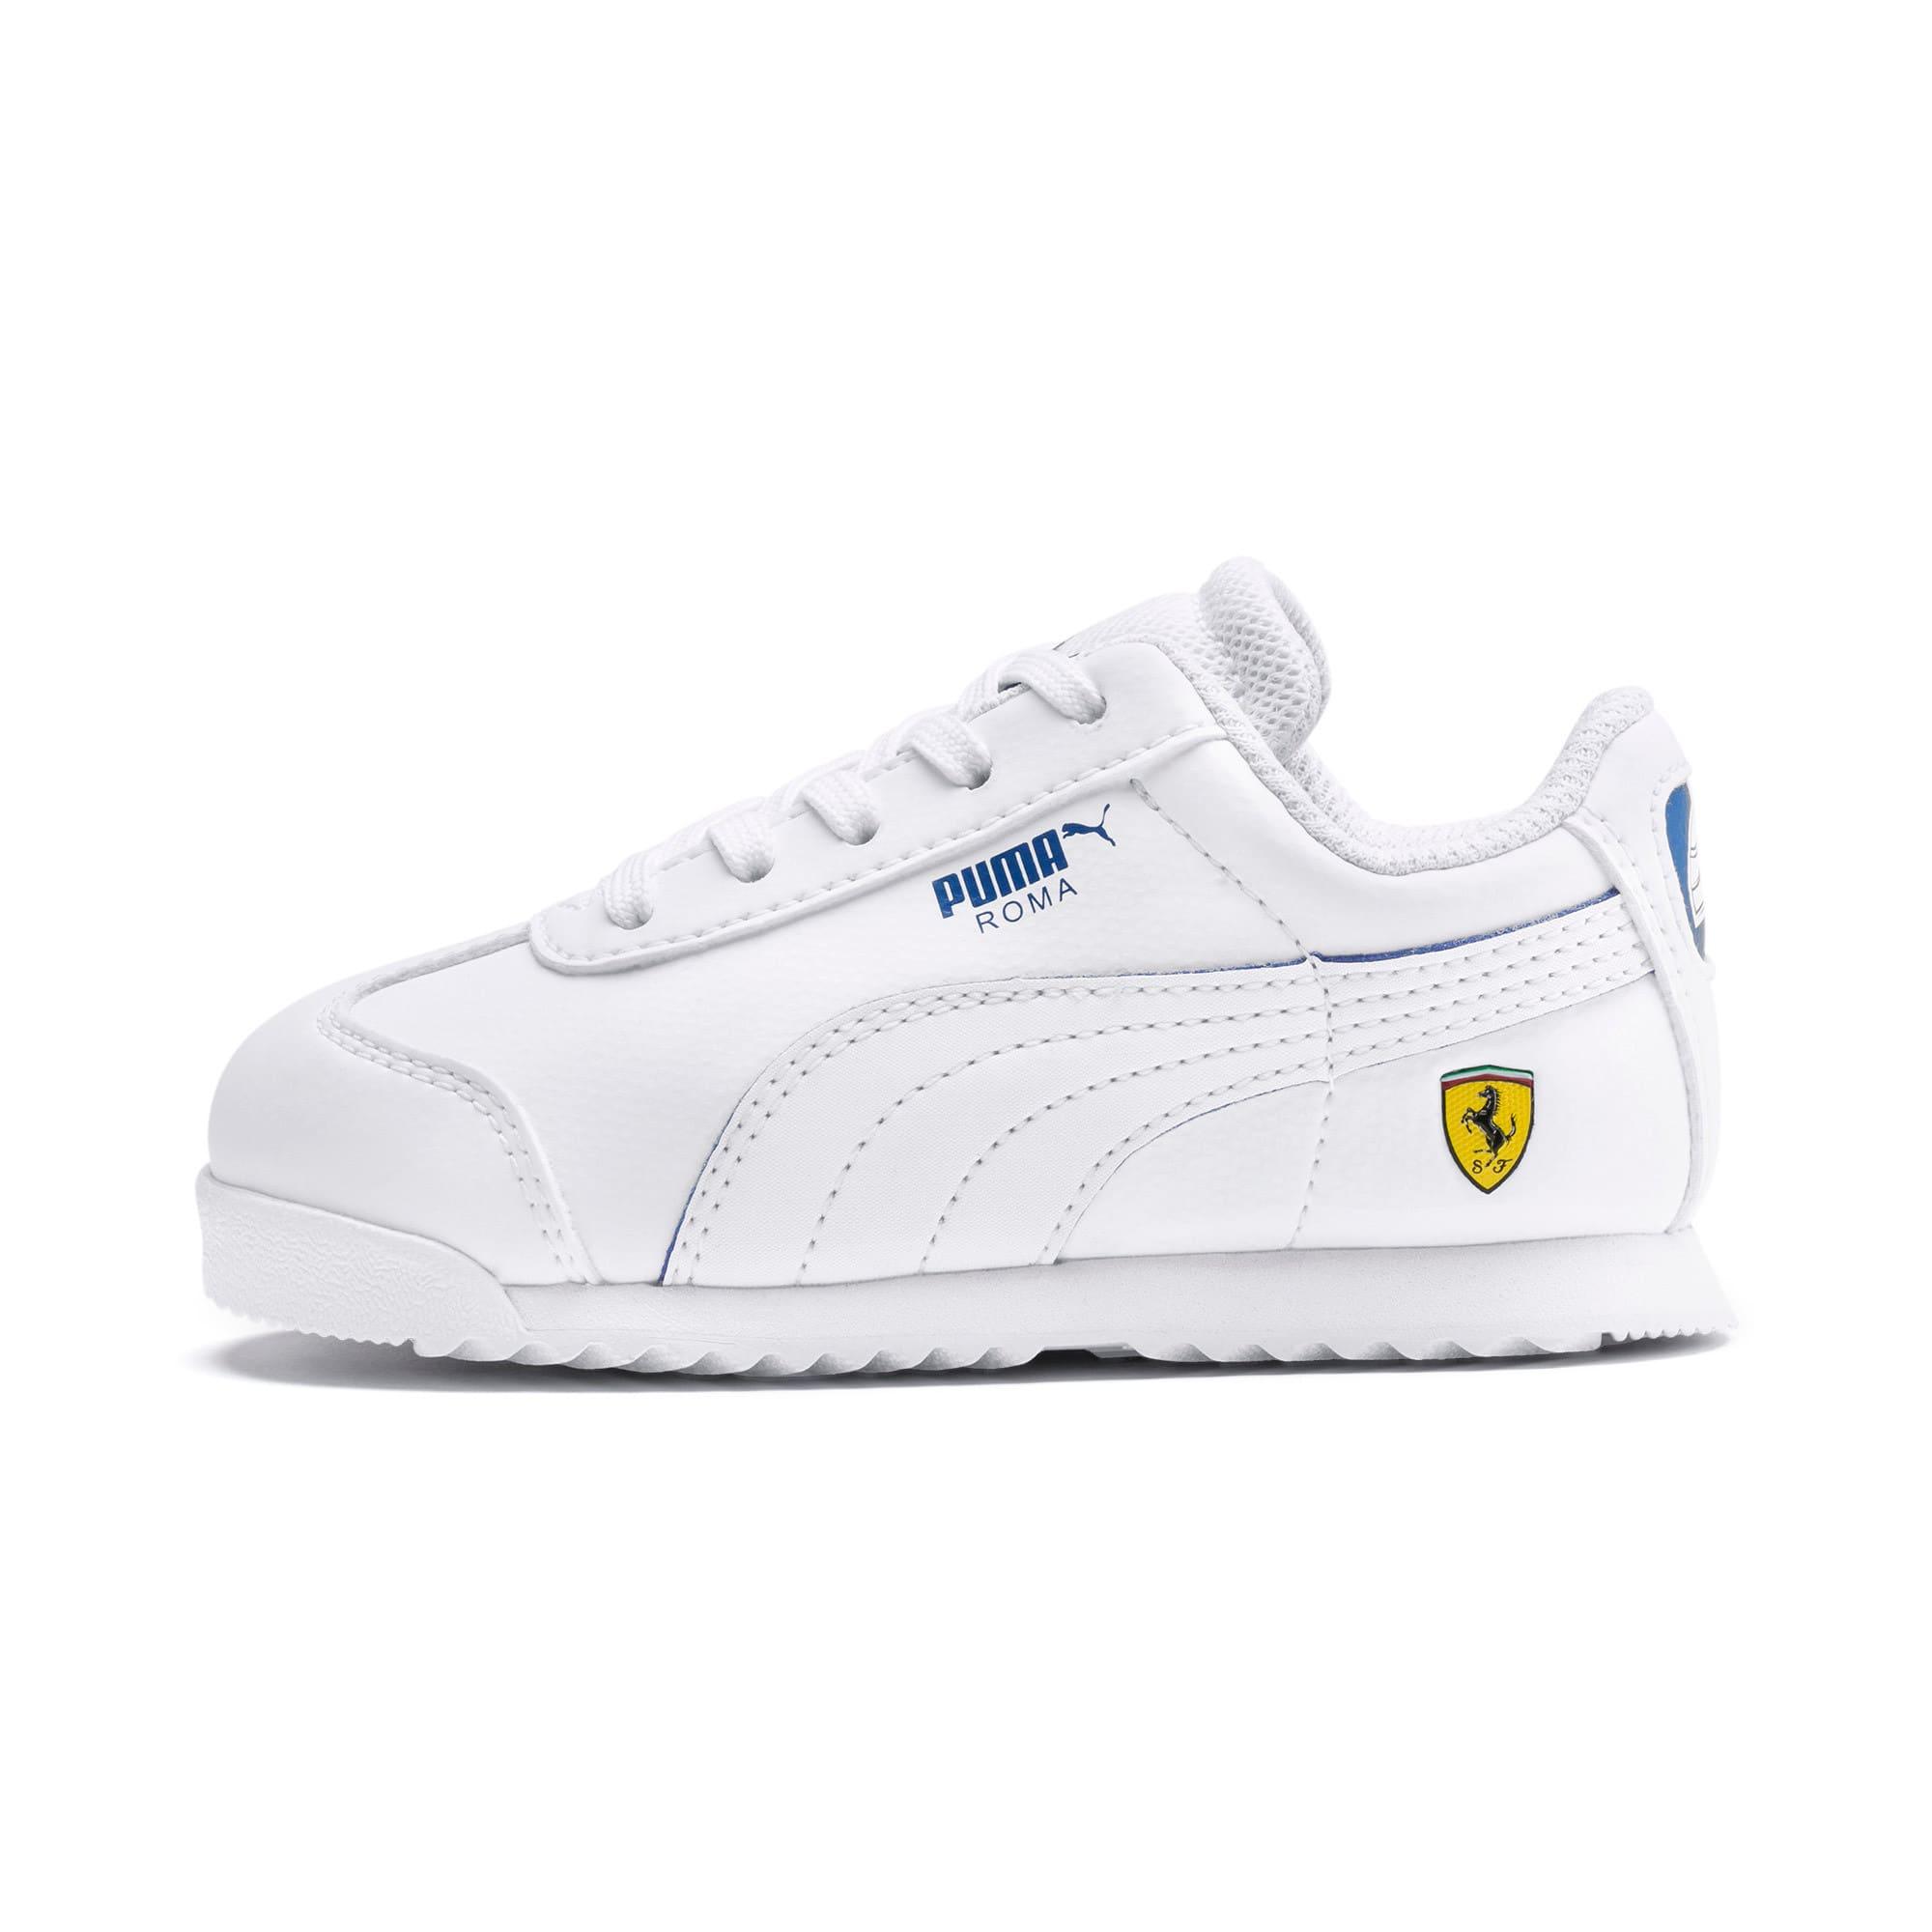 Thumbnail 1 of Scuderia Ferrari Roma Toddler Shoes, White-White-Galaxy Blue, medium